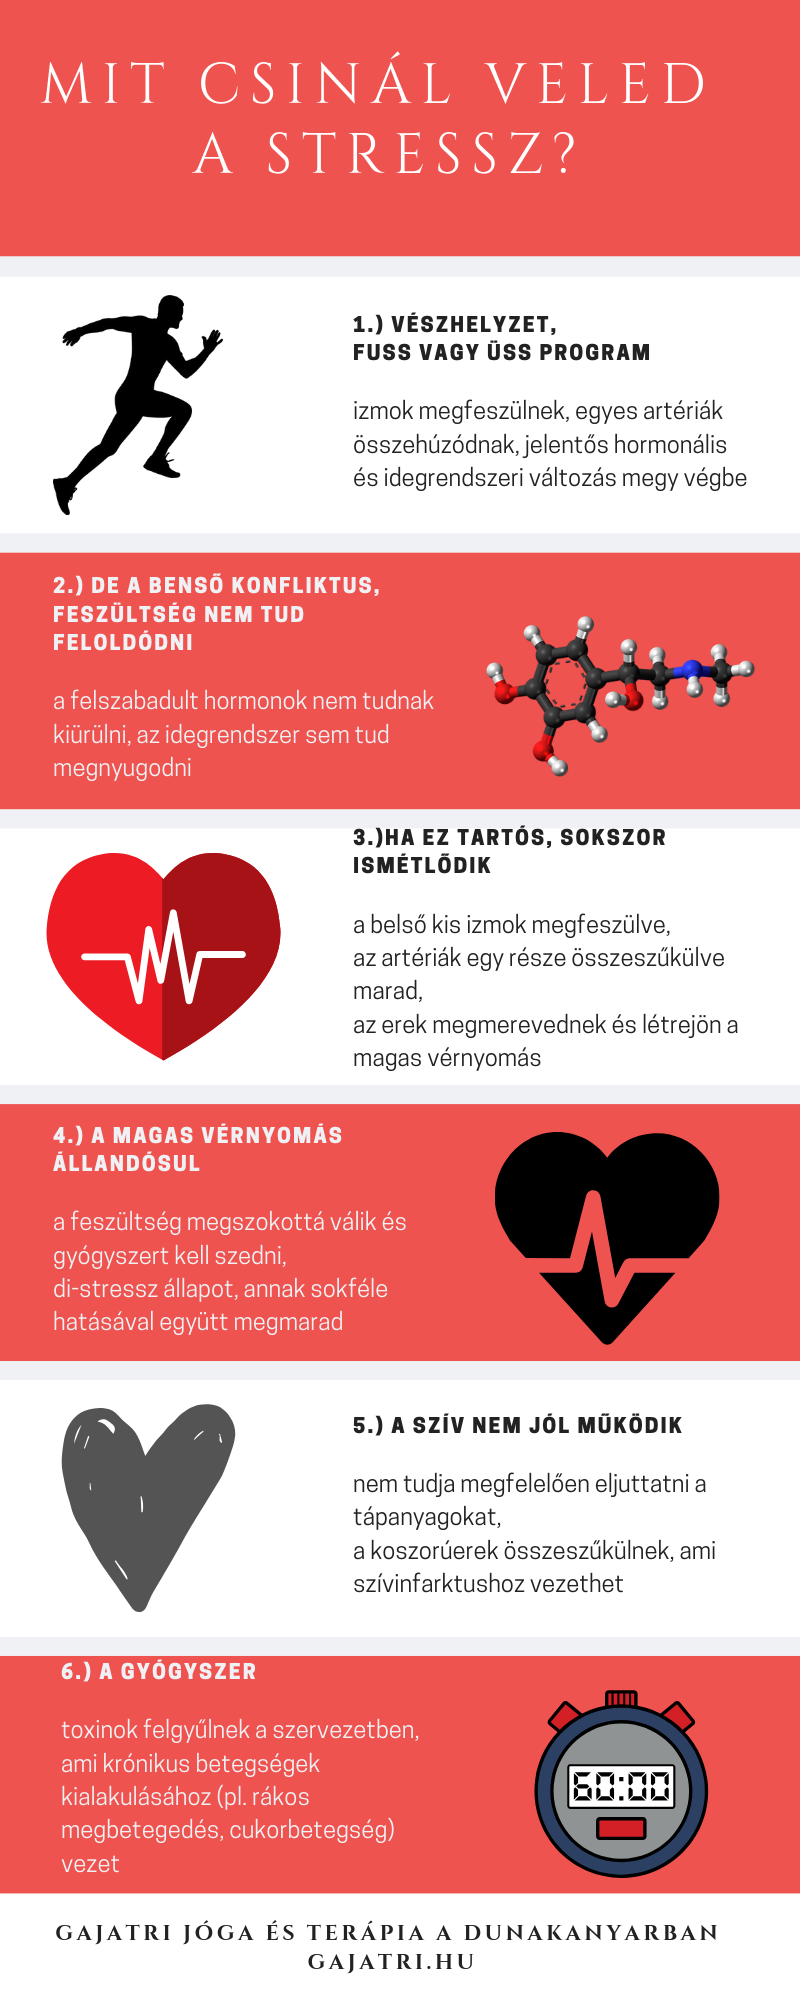 milyen gyógyszereket kell szedni a magas vérnyomás ellen, szelídebbek